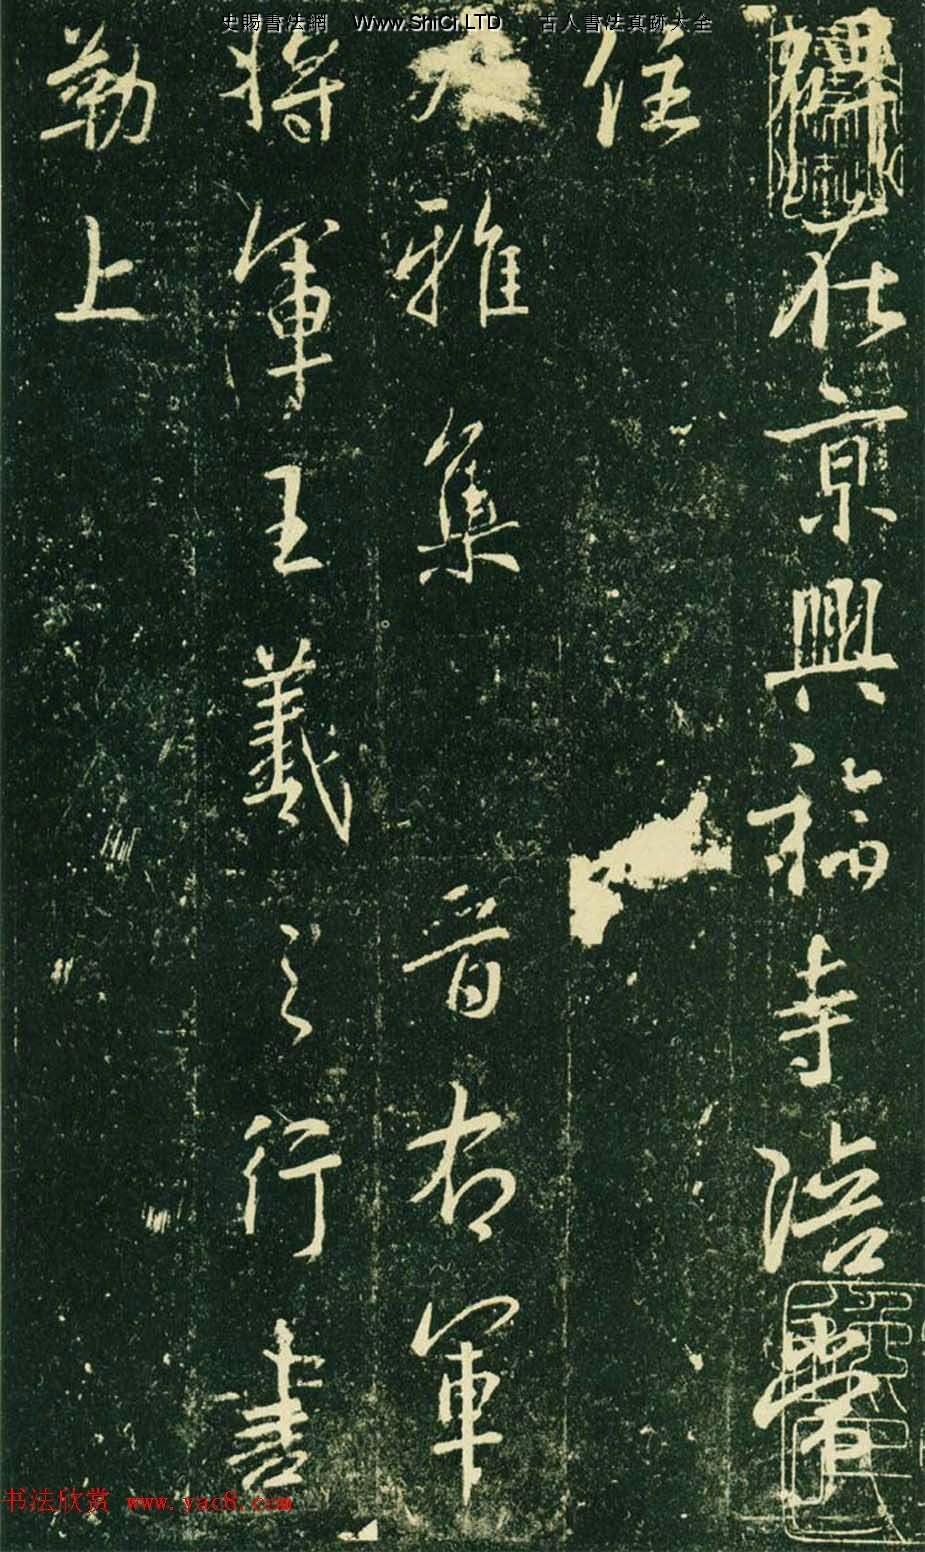 王羲之行書集字碑《興福寺半截碑》(共20張圖片)